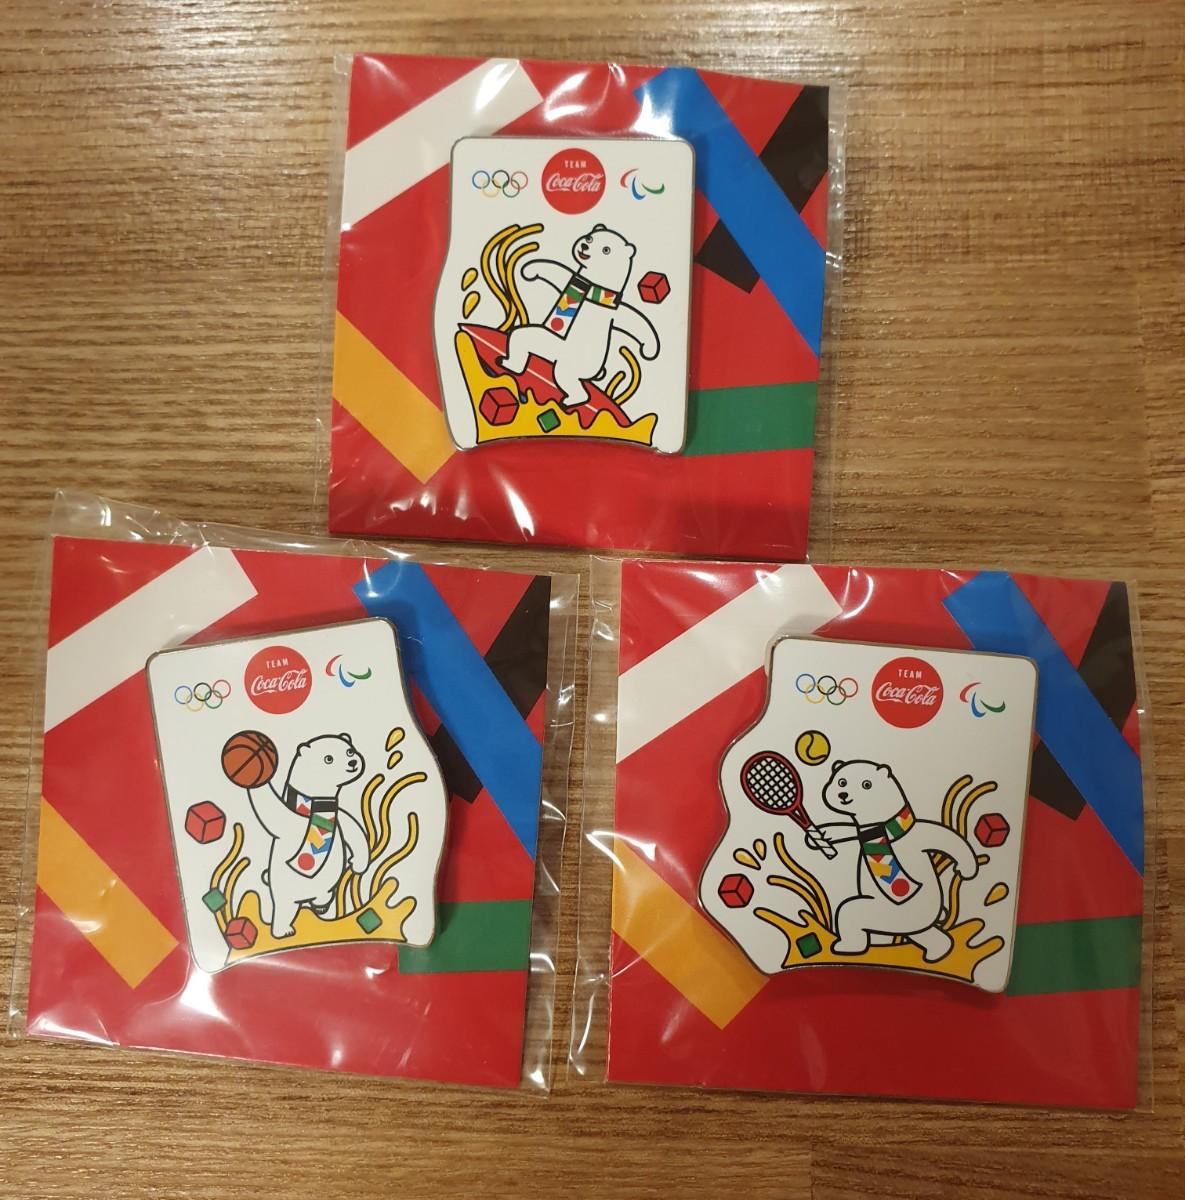 コカ・コーラ 東京オリンピック ピンバッジ 3種セット 未開封 オリジナルピンズ